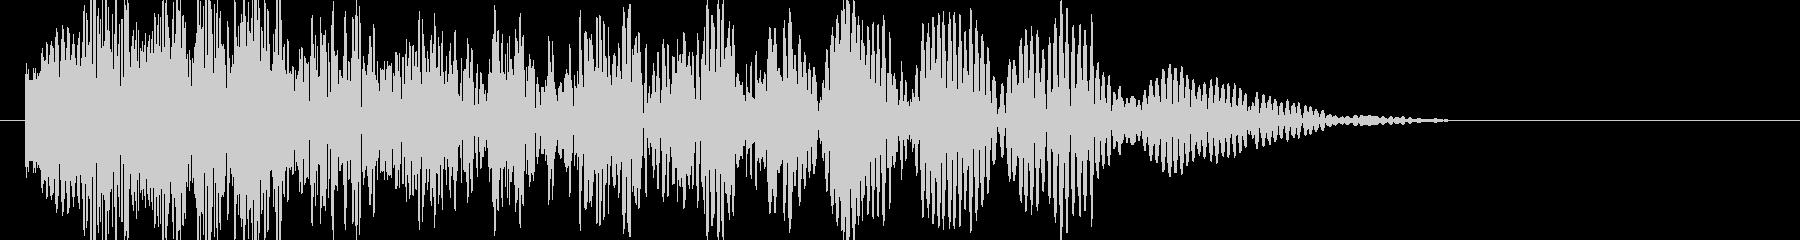 爆発・衝撃波・ソニックブーム2の未再生の波形